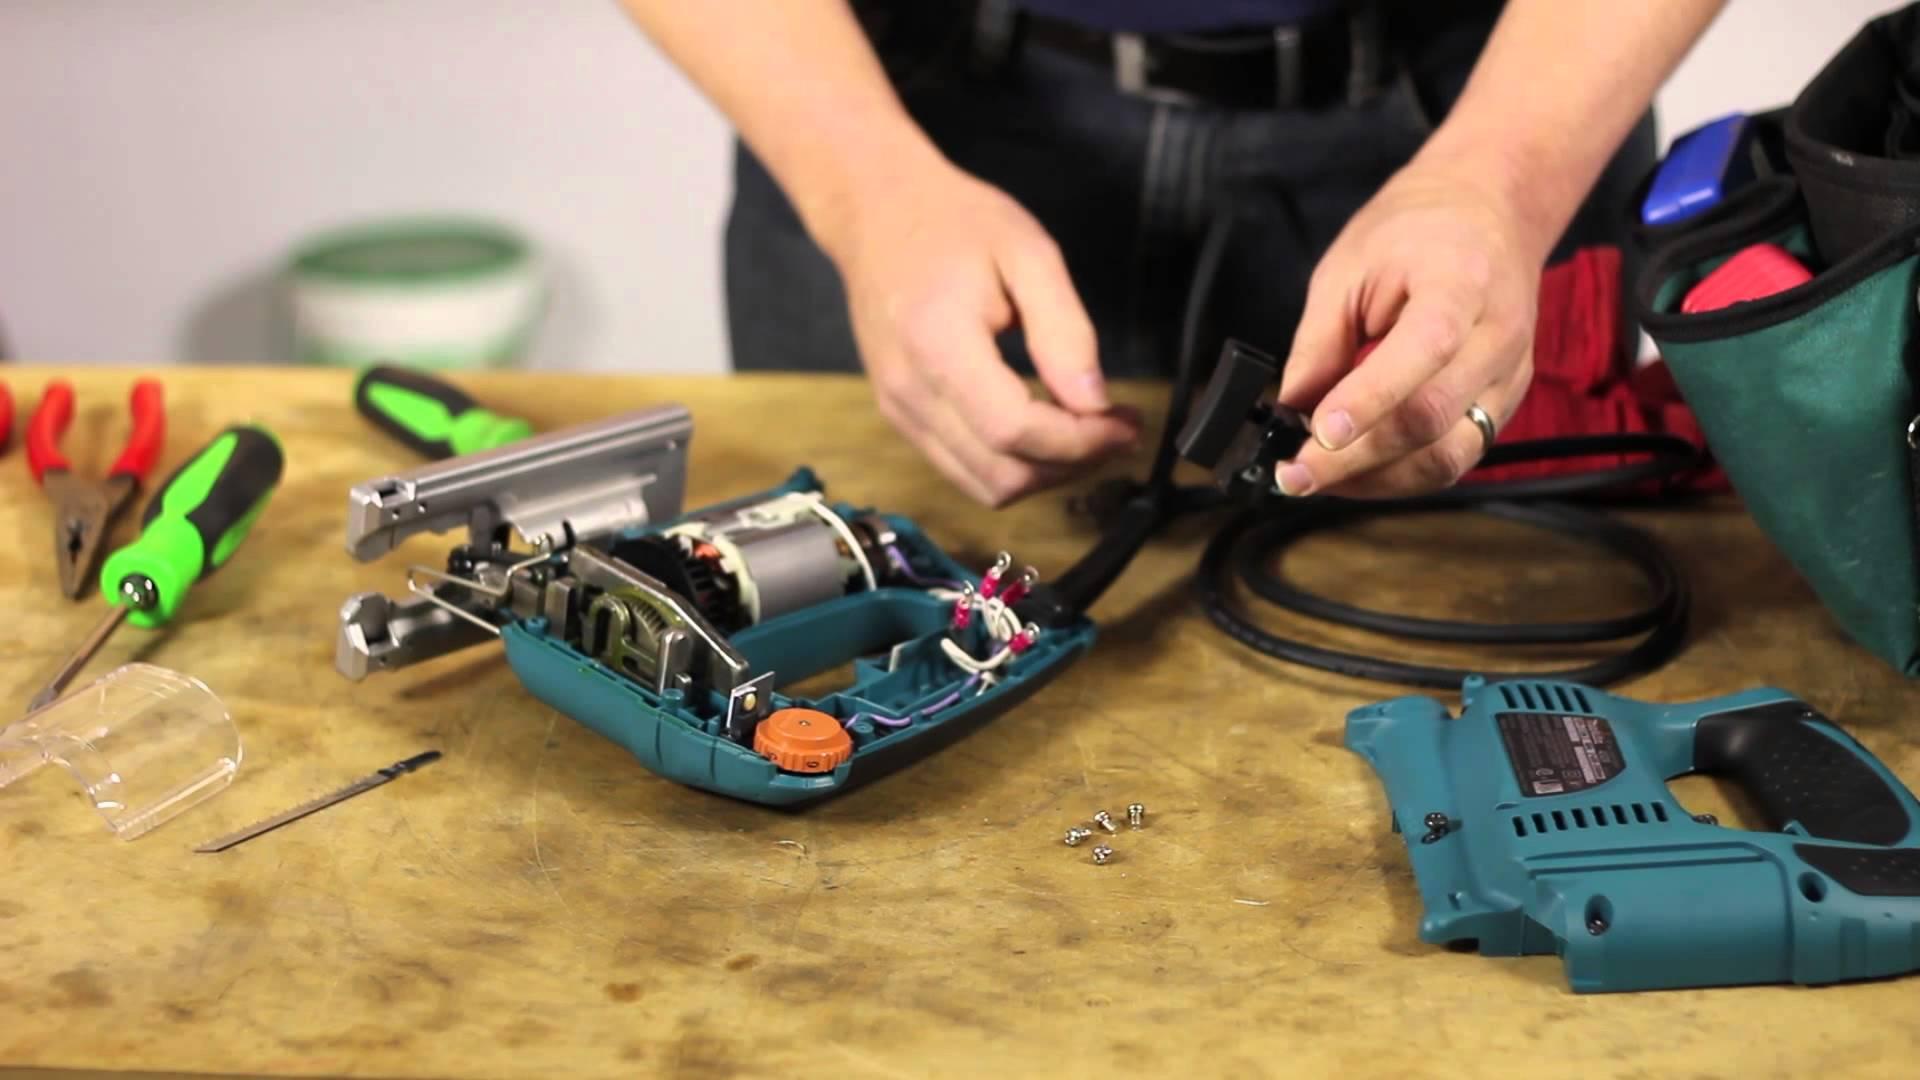 Електрически инструменти